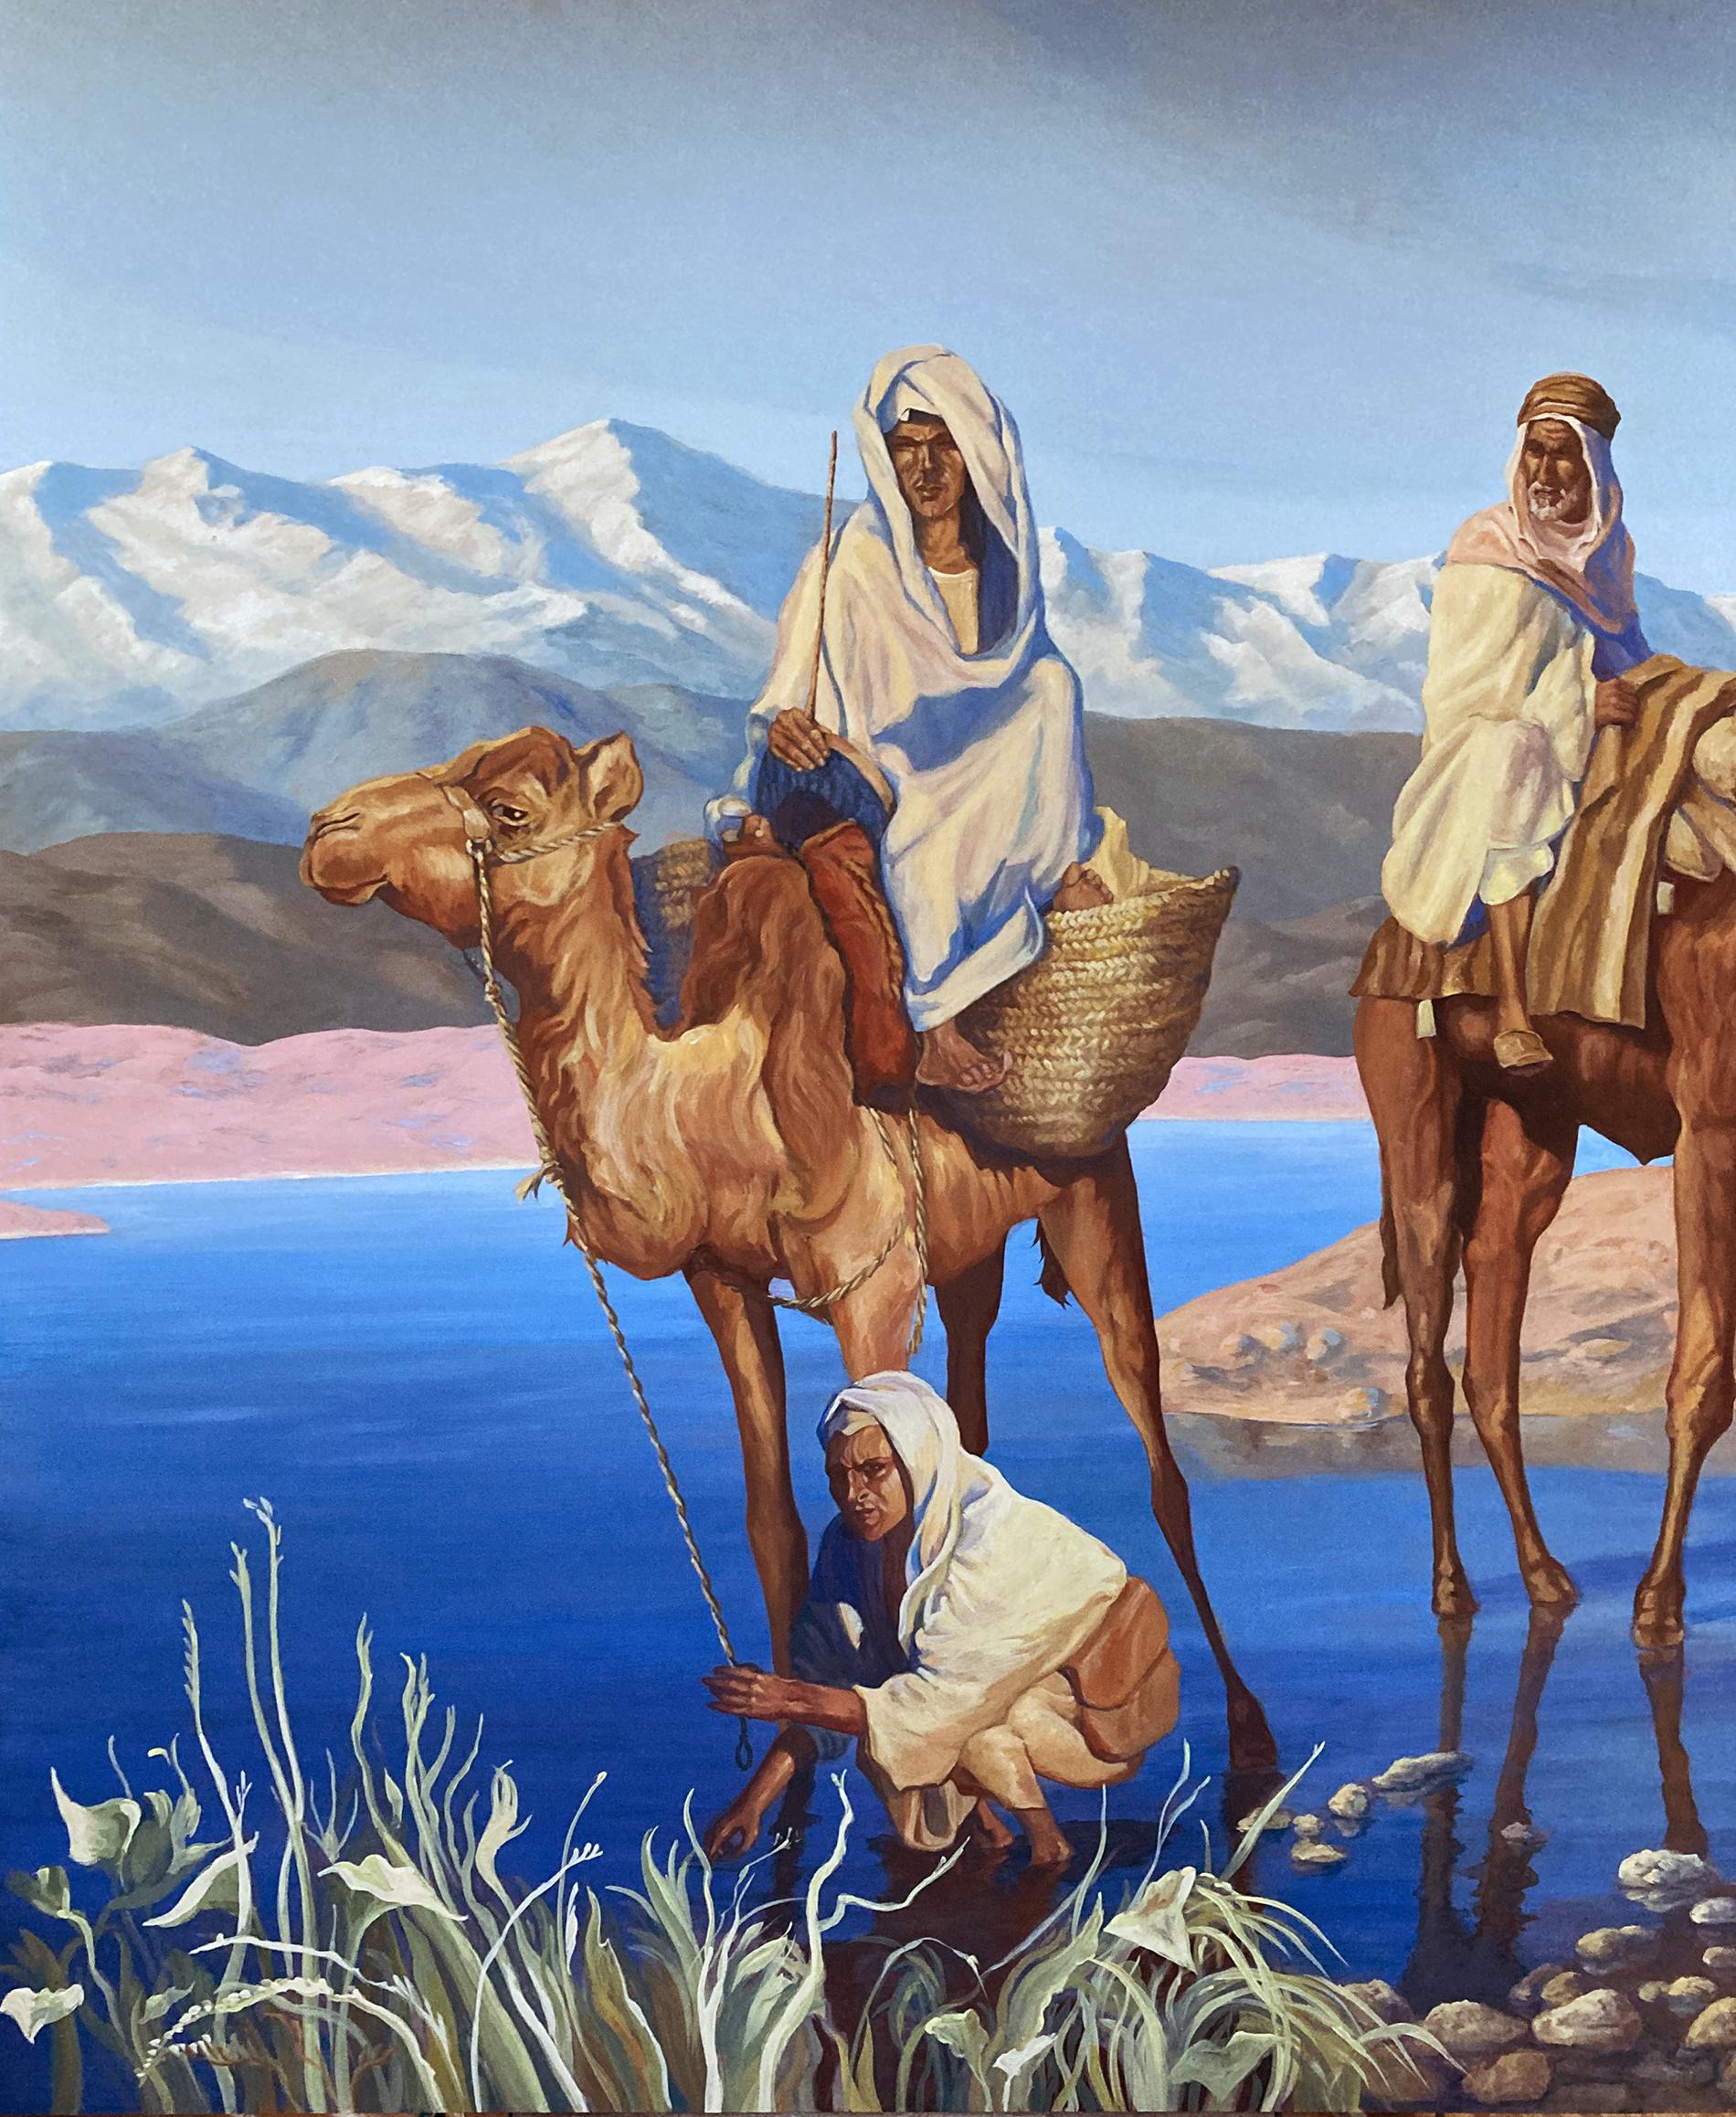 oasi con cammelli, acrilico su tavola, dipinti ad acrilico su tavola, cammellieri del deserto, quadro orientalista, paesaggio marocchino, tecnica mista, veduta del deserto con oasi, veduta del deserto con oasi, veduta del deserto con montagne dell' Atlas